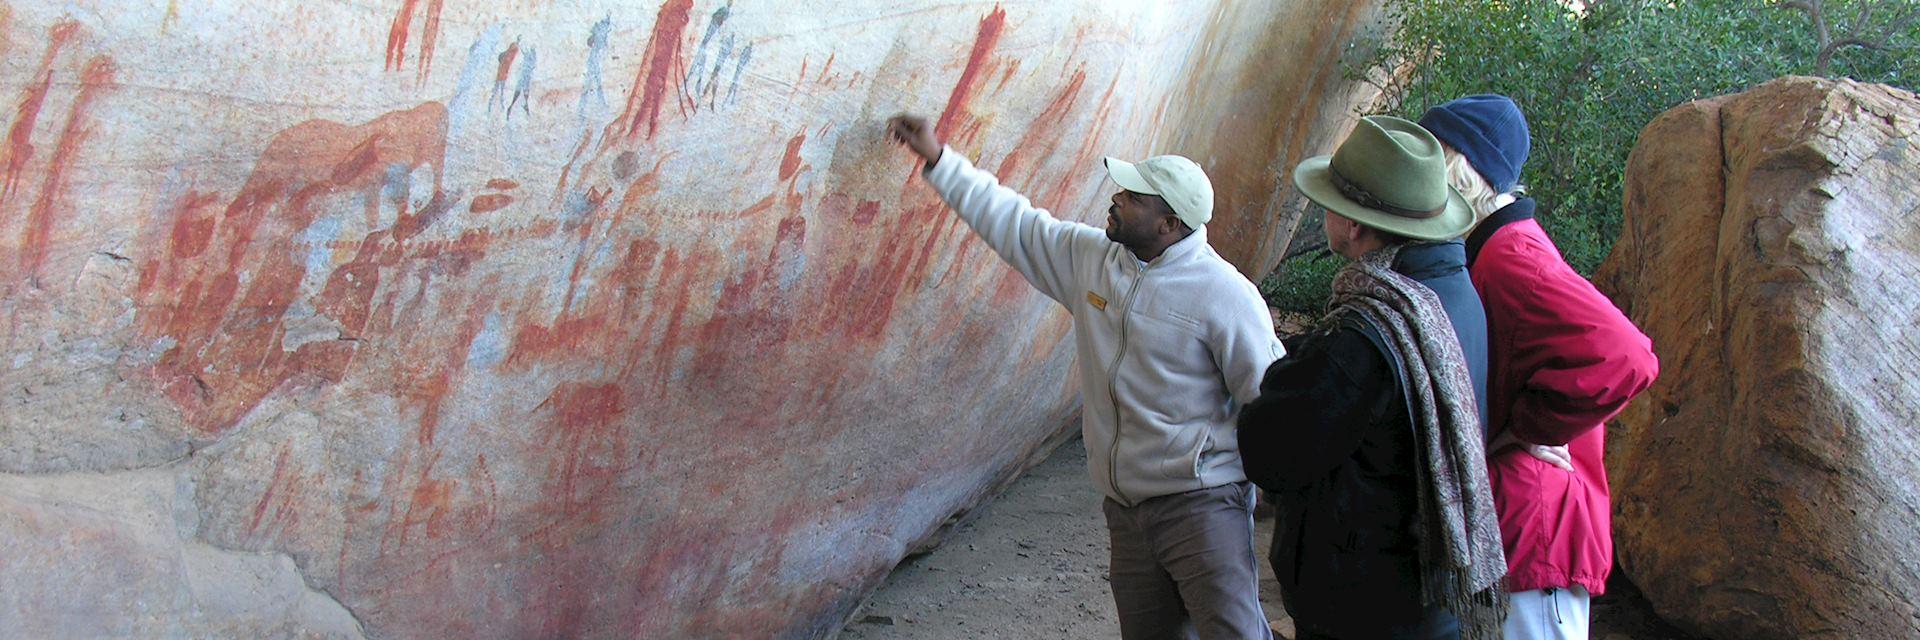 San Rock Art guide, Bushmans Kloof